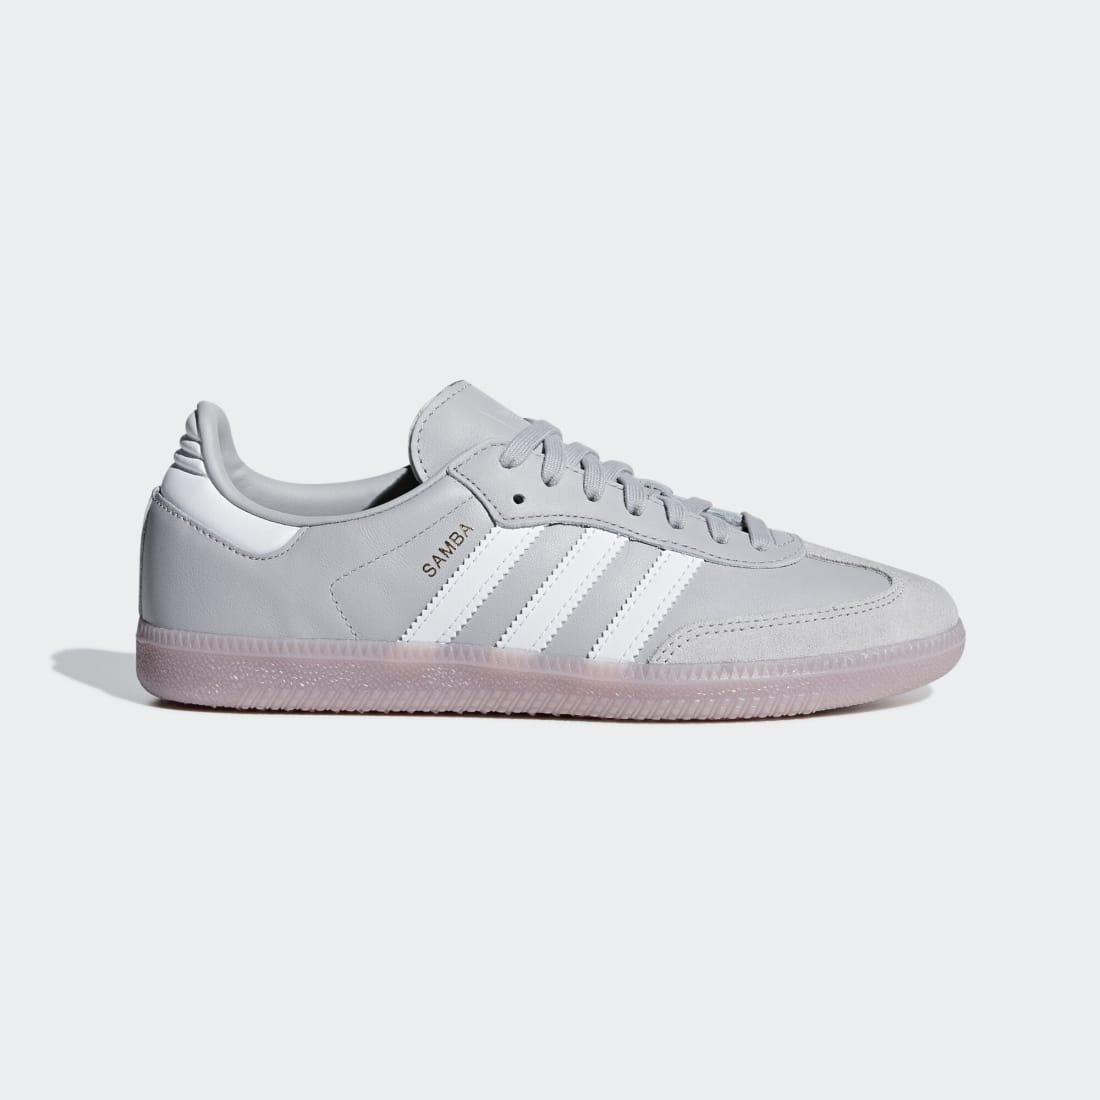 adidas Samba OG Grey Soft Vision